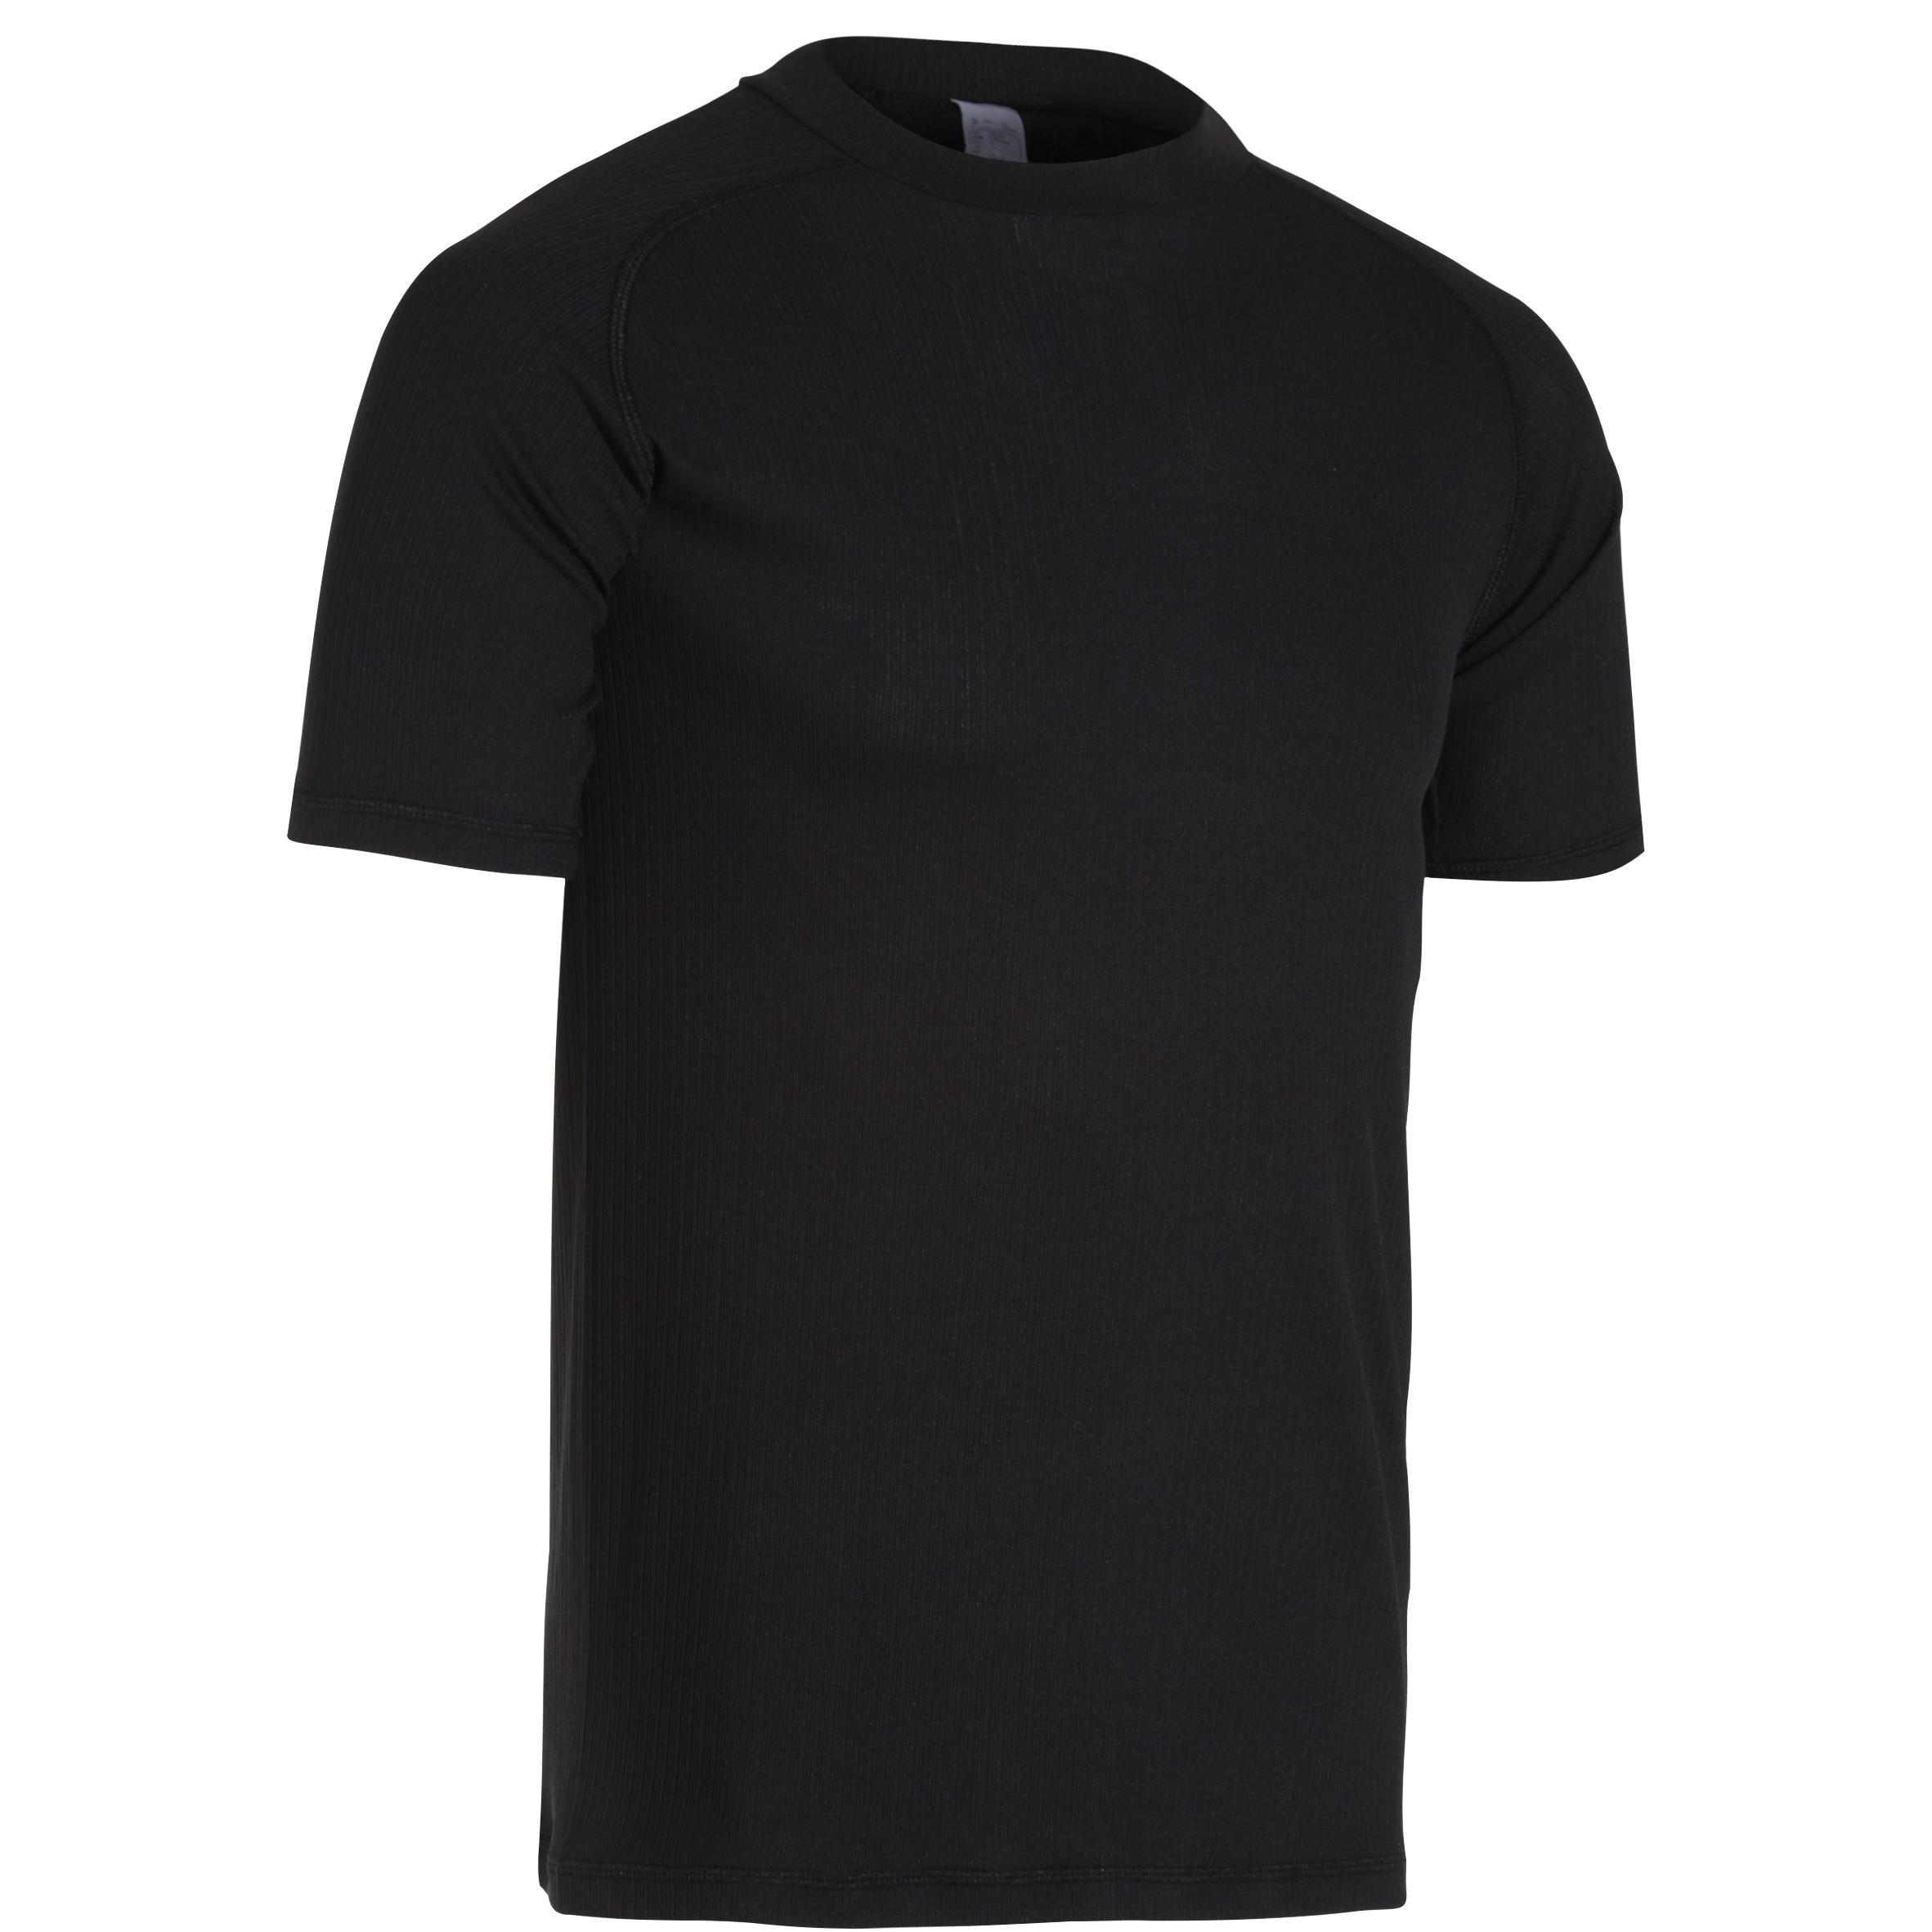 Radunterwäsche RC 100 | Sportbekleidung > Funktionswäsche > Thermounterwäsche | Van rysel